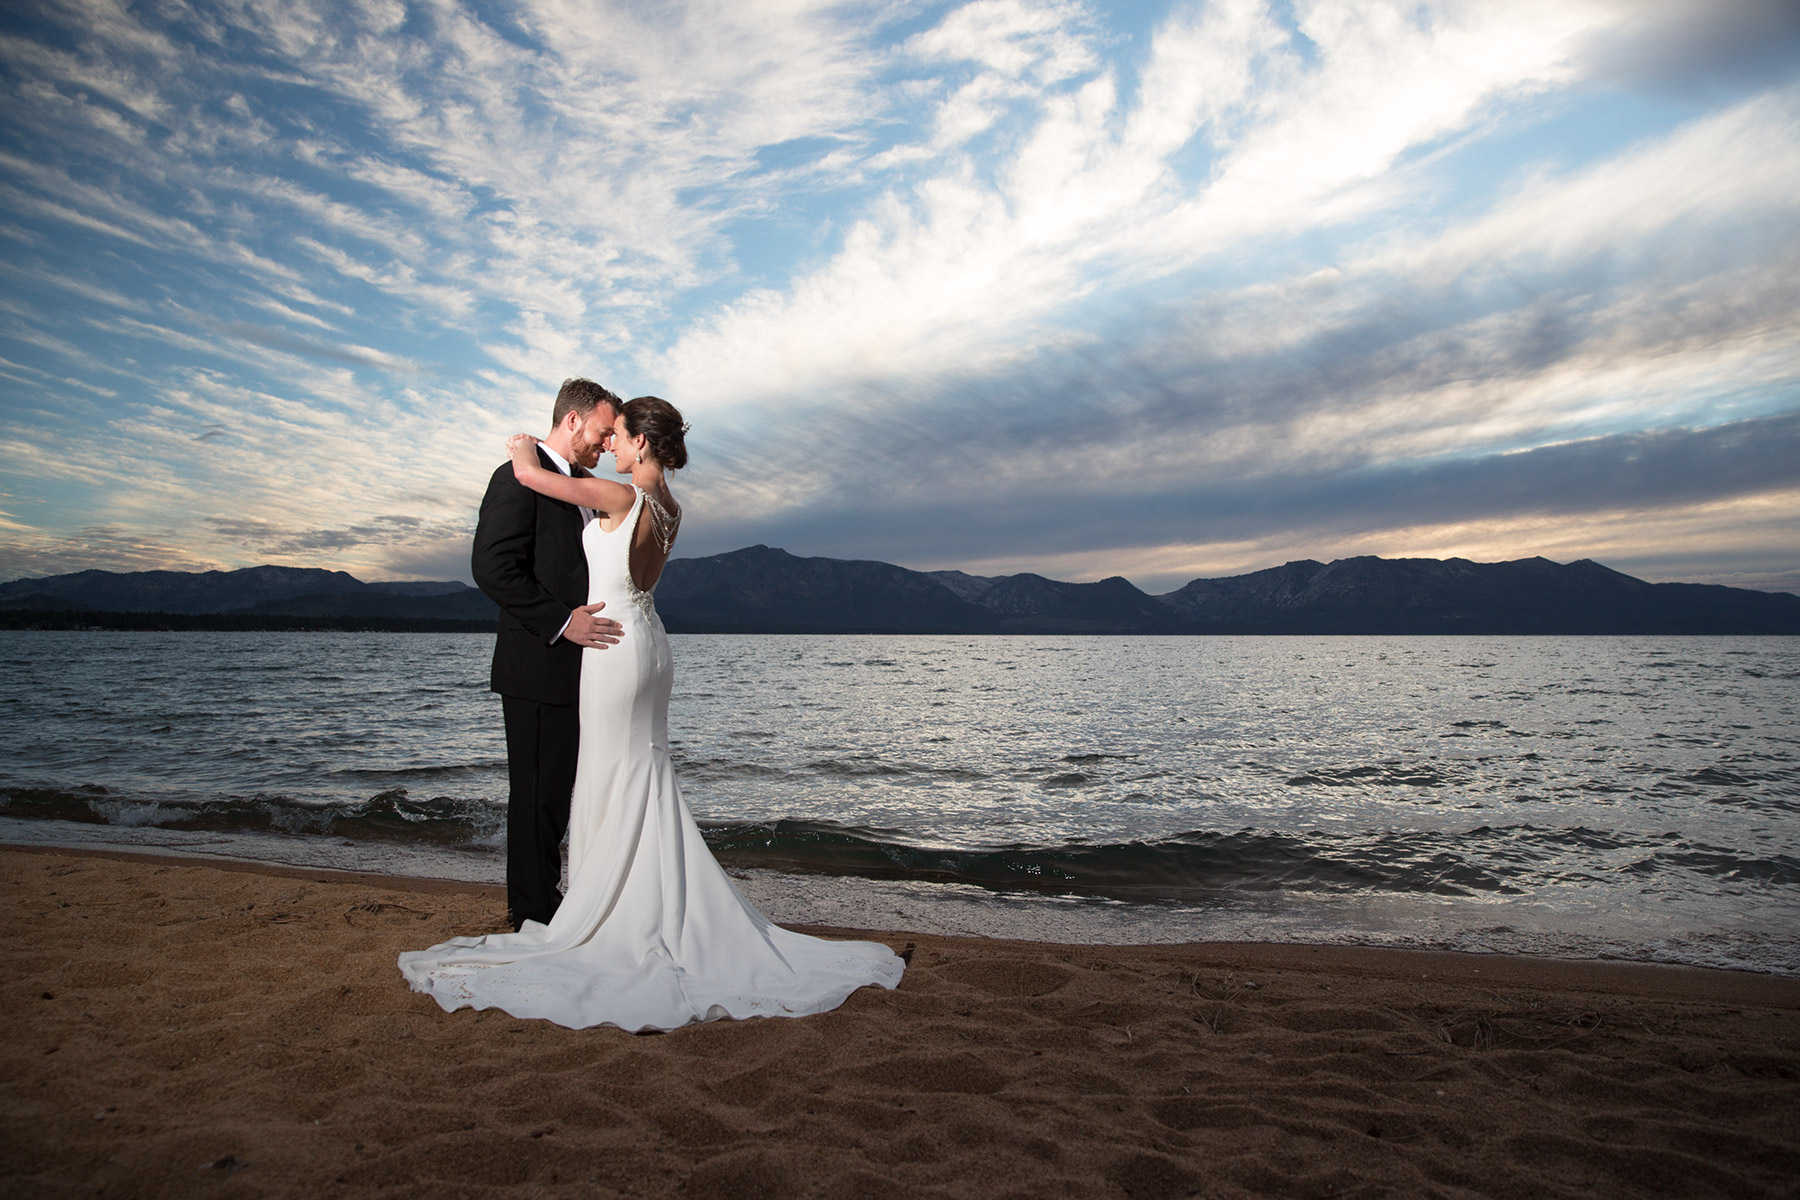 sunset-at-Edgewood-Tahoe-weddings